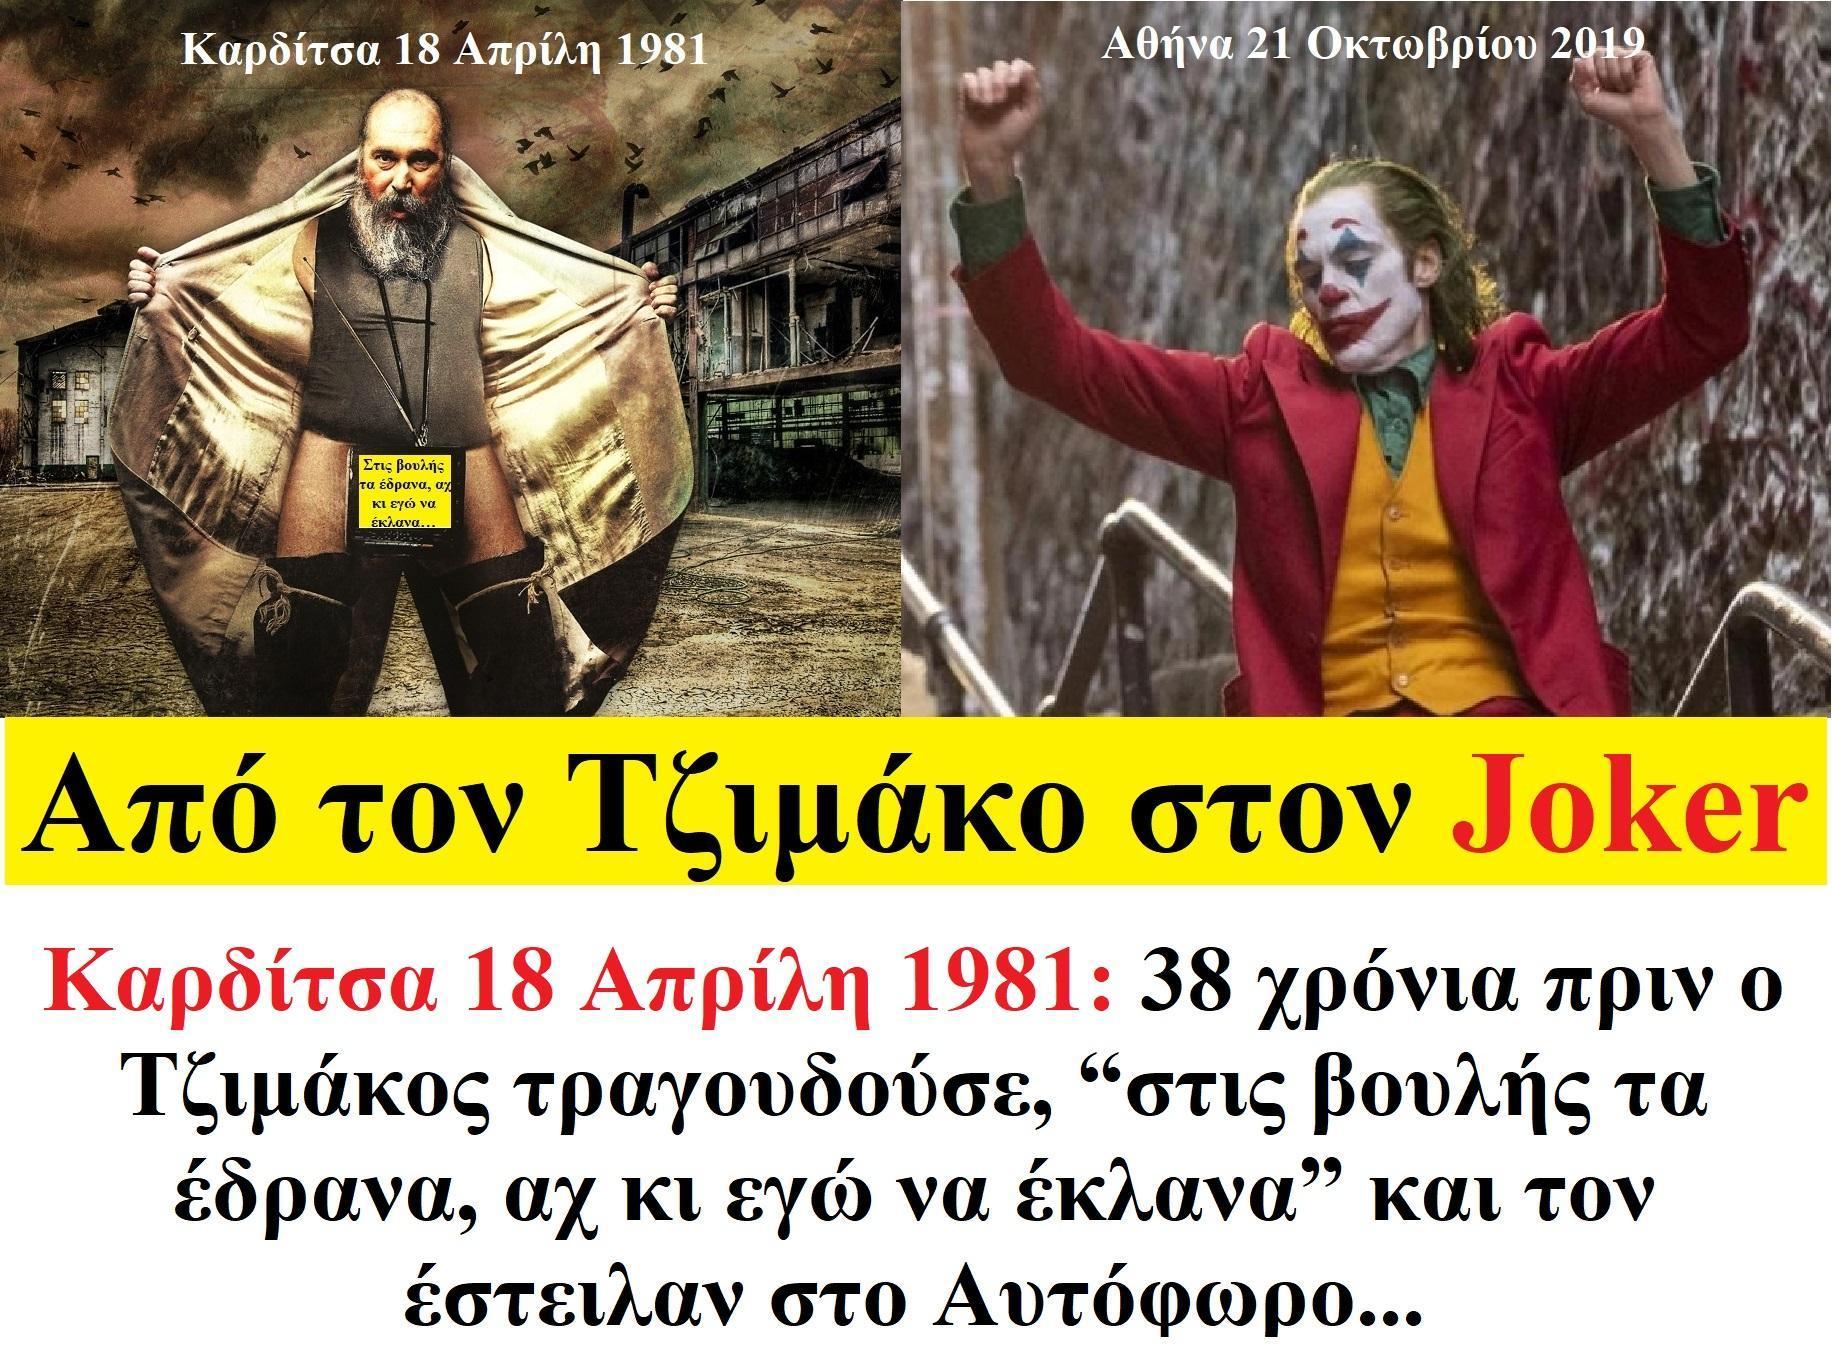 Από τον Τζιμάκο στον Joker - Όταν συνέλαβαν τον Τζίμη Πανούση στην Καρδίτσα